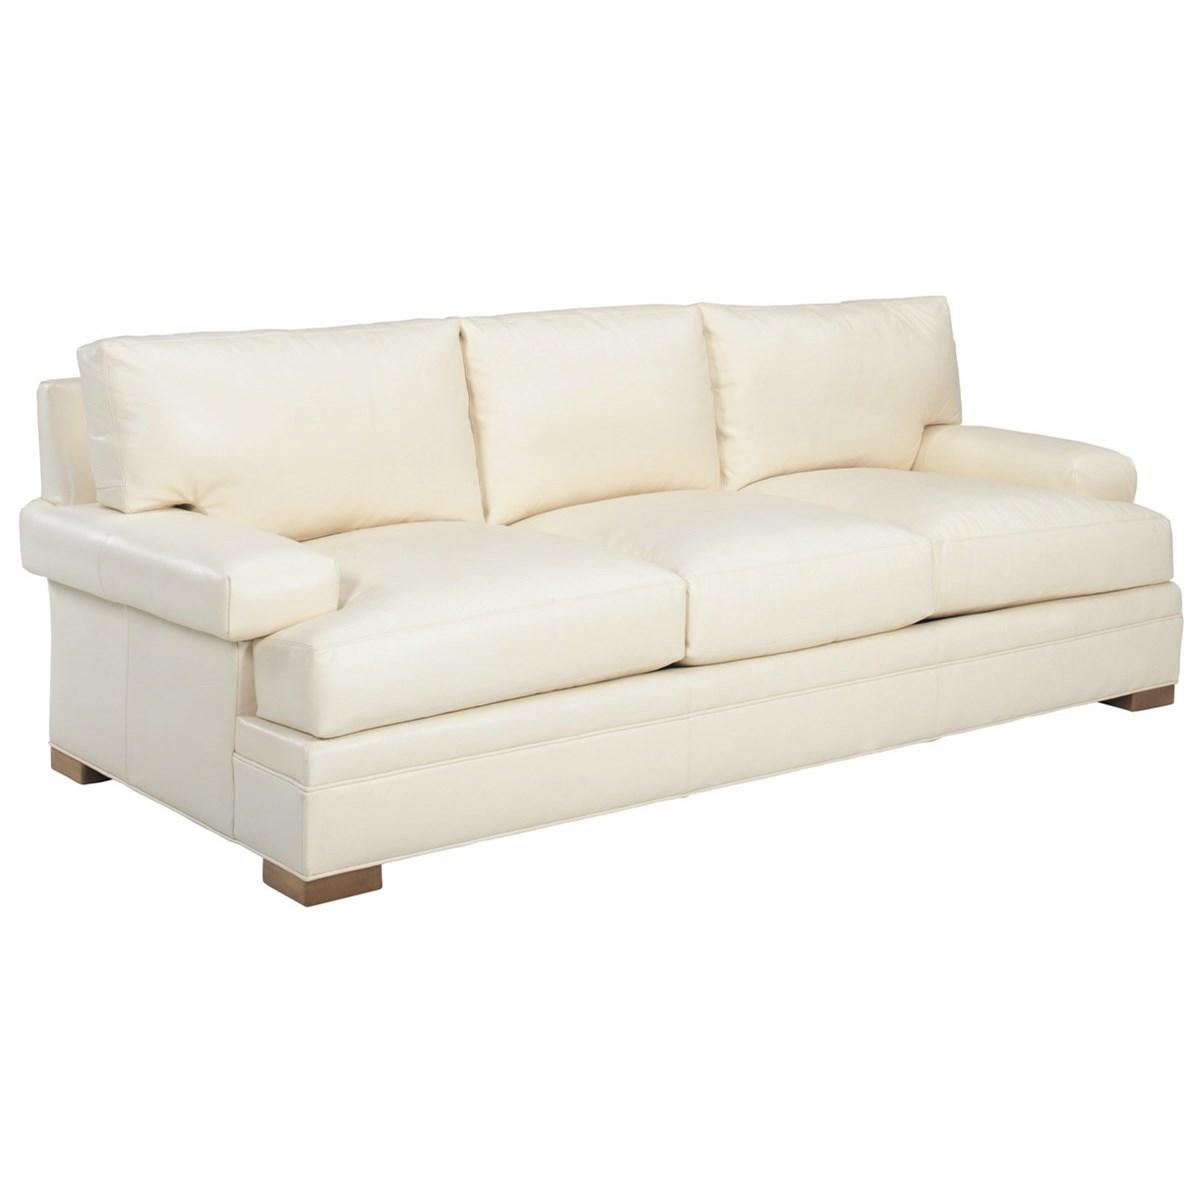 Barclay Butera Upholstery Maxwell Sofa by Barclay Butera at Baer's Furniture